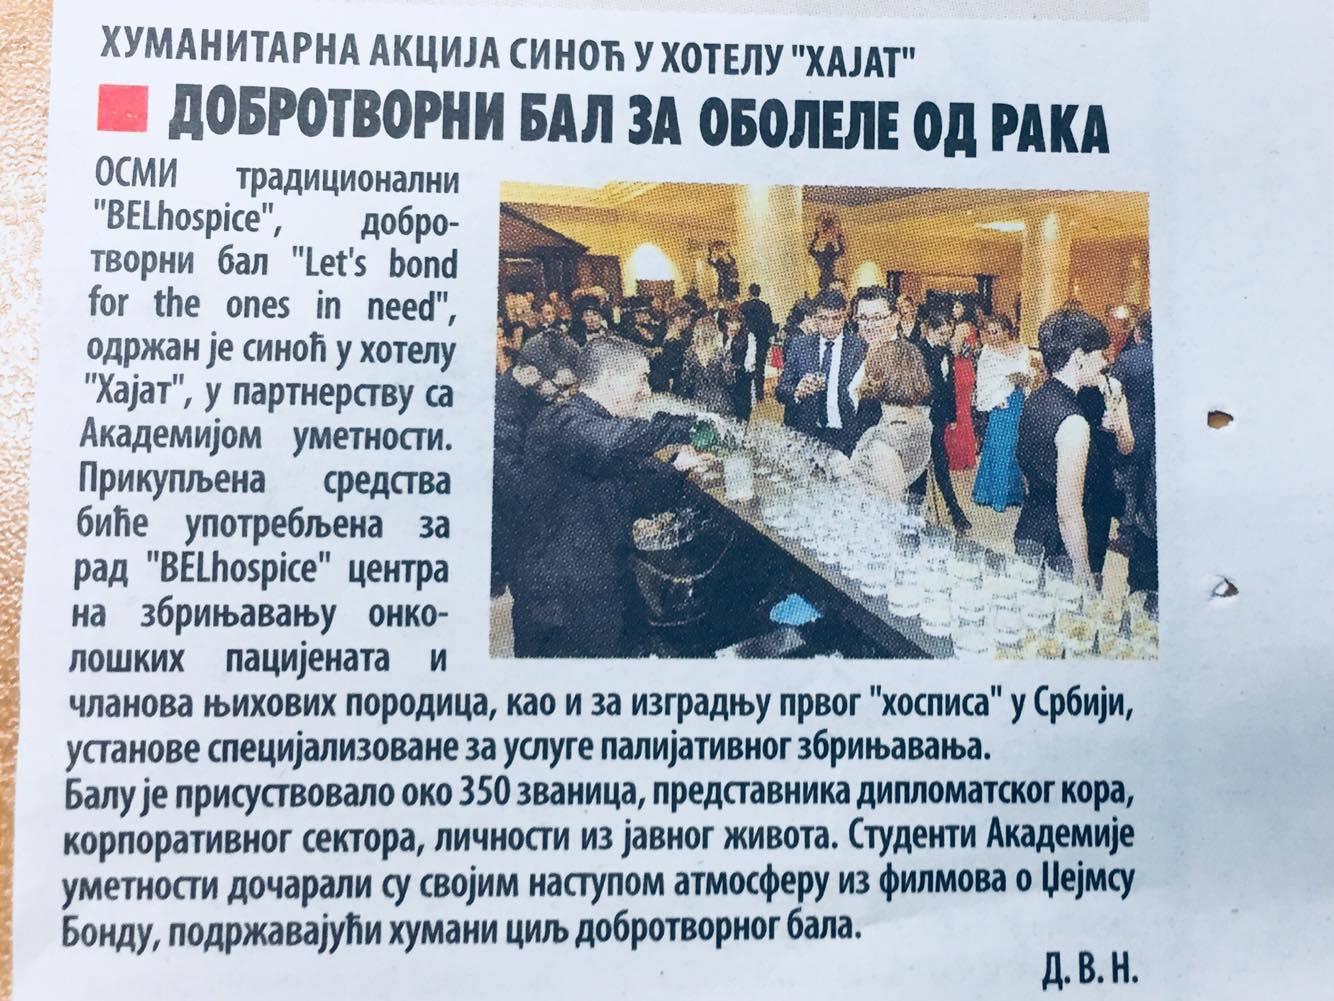 Novosti, 20171126